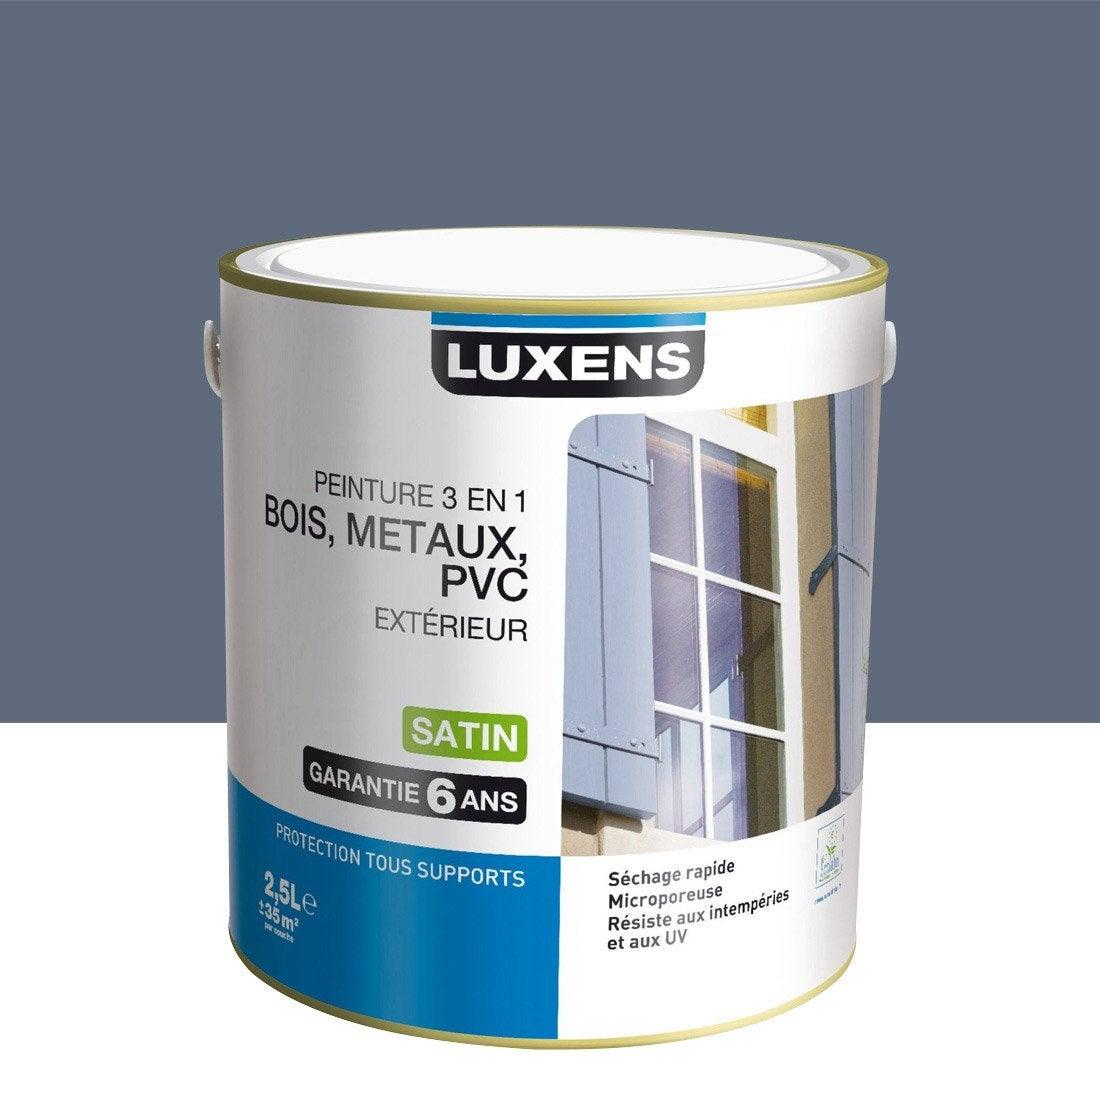 Peinture bois metaux et pvc exterieur 3en1 luxens satin gris zingue n 3 2 for Peinture pvc exterieur ral